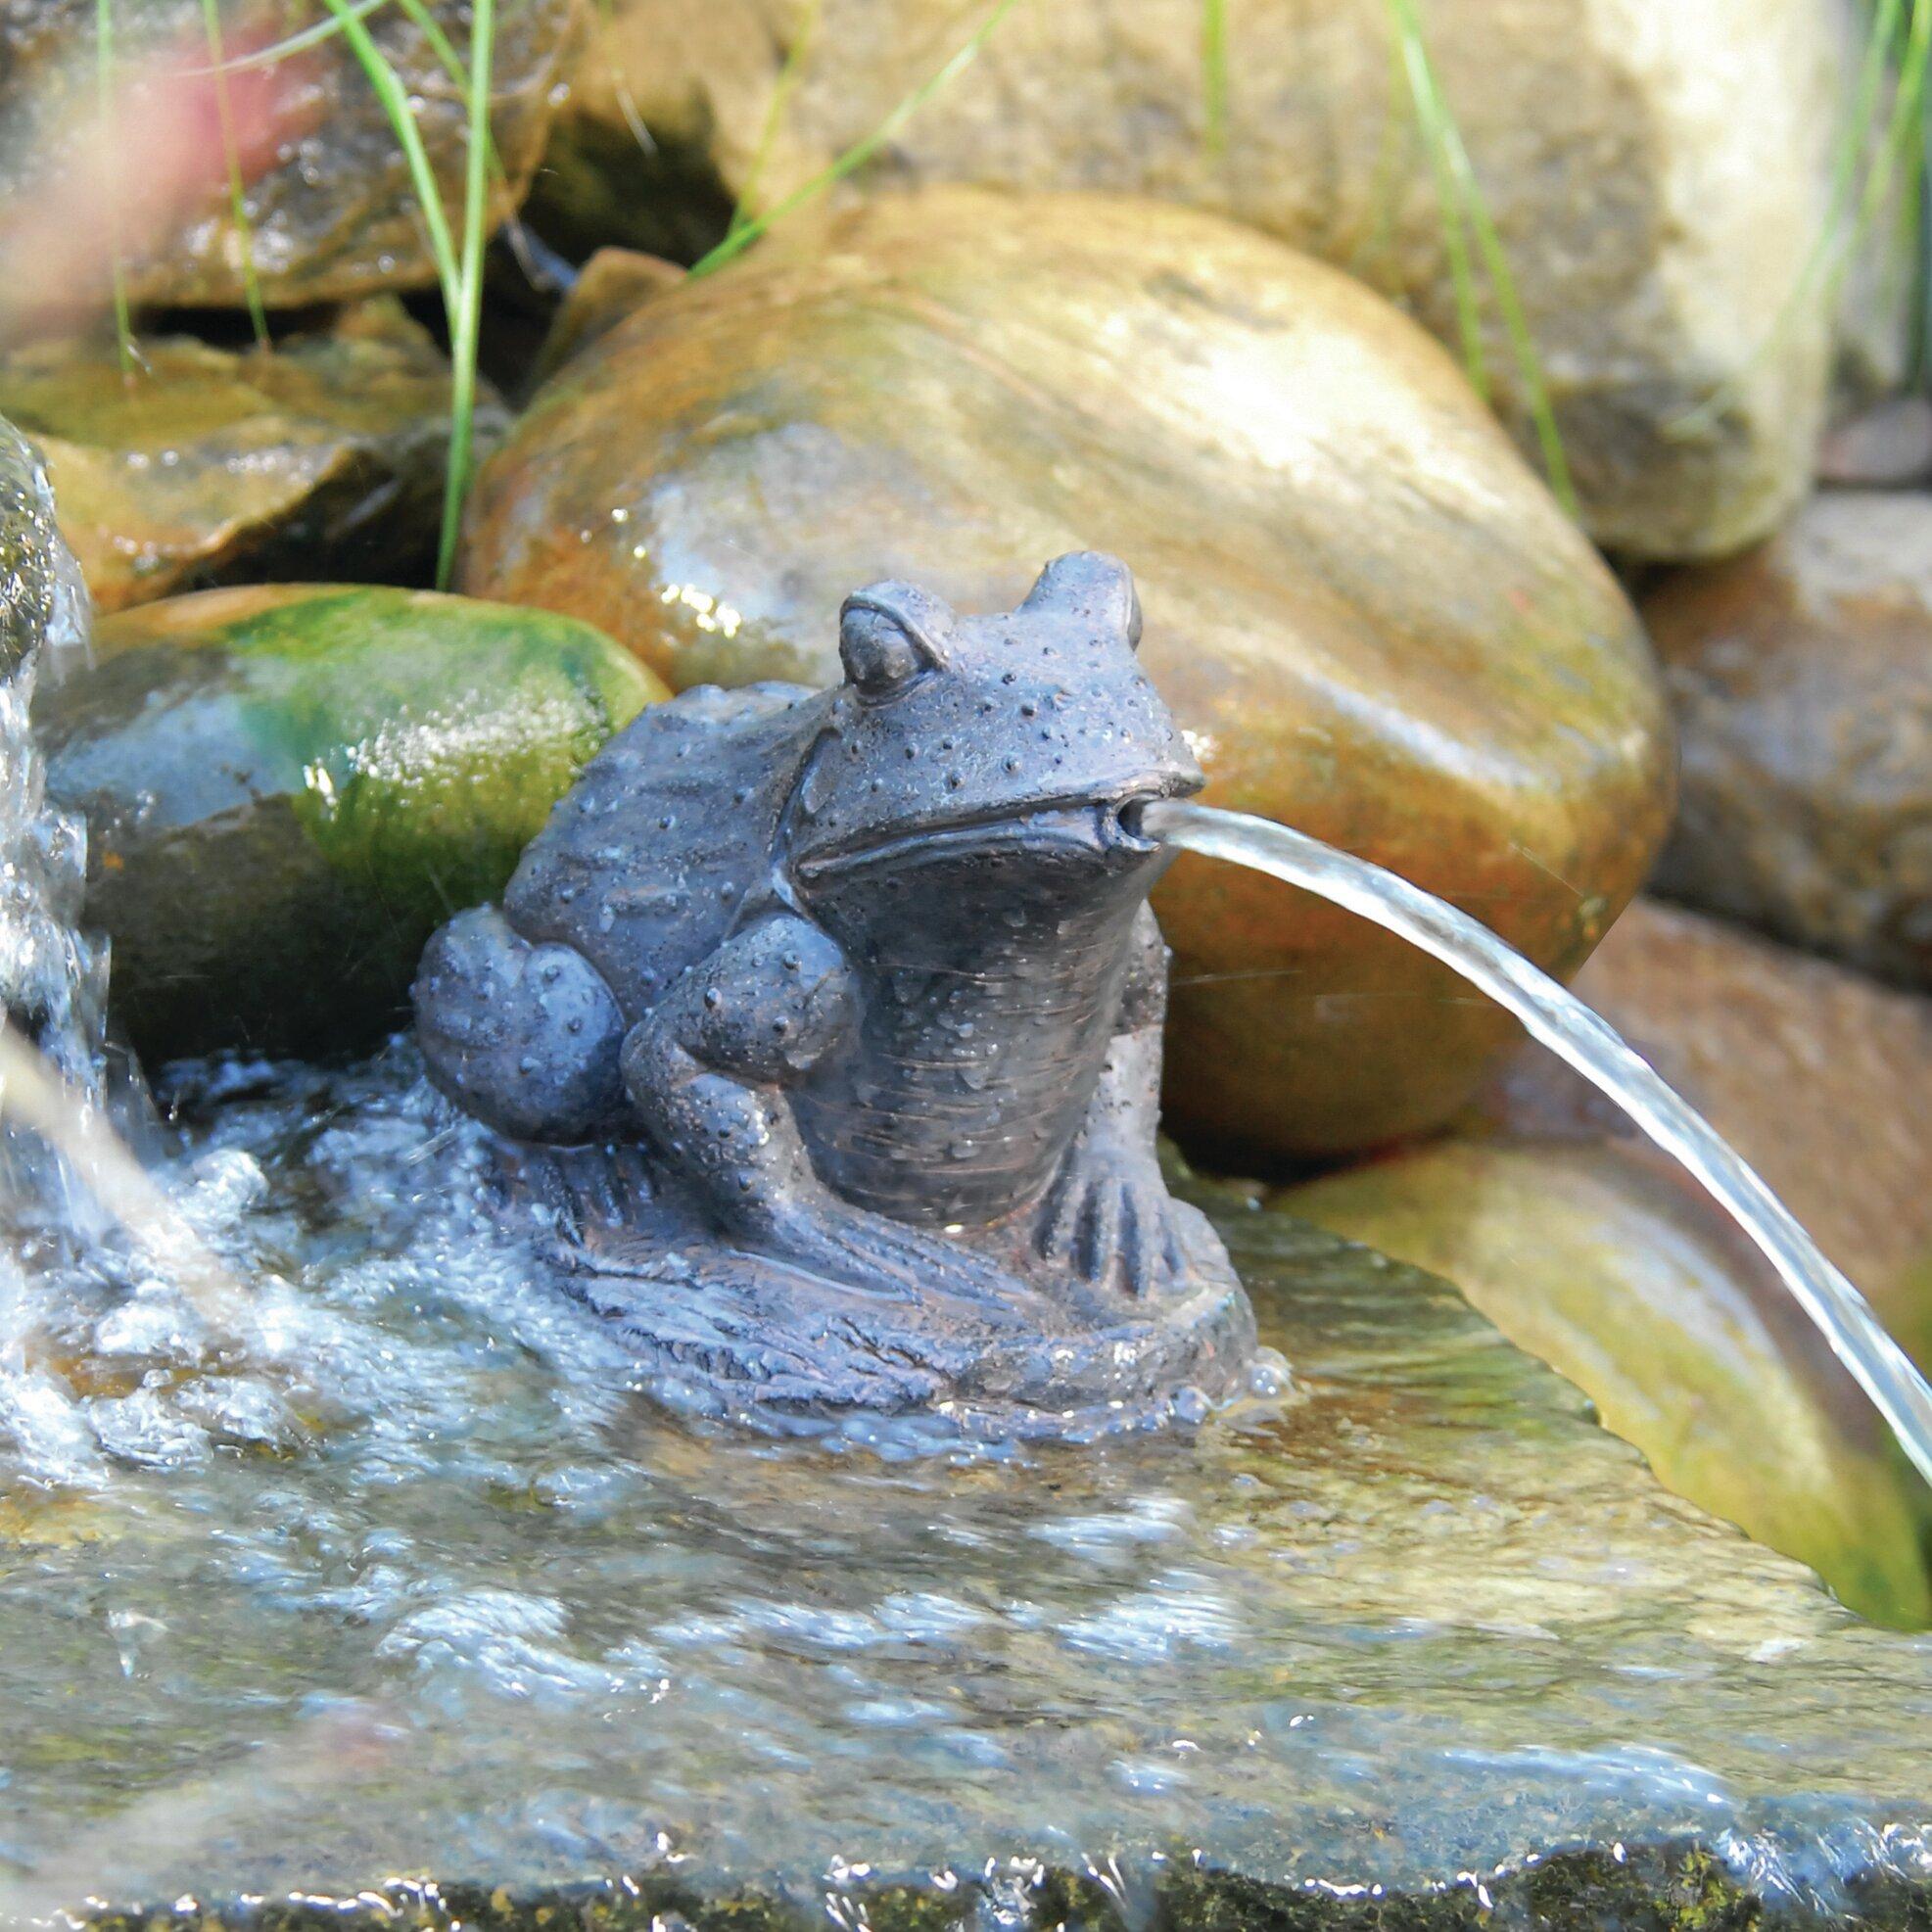 Pond Boss Resin Frog Spitter & Reviews